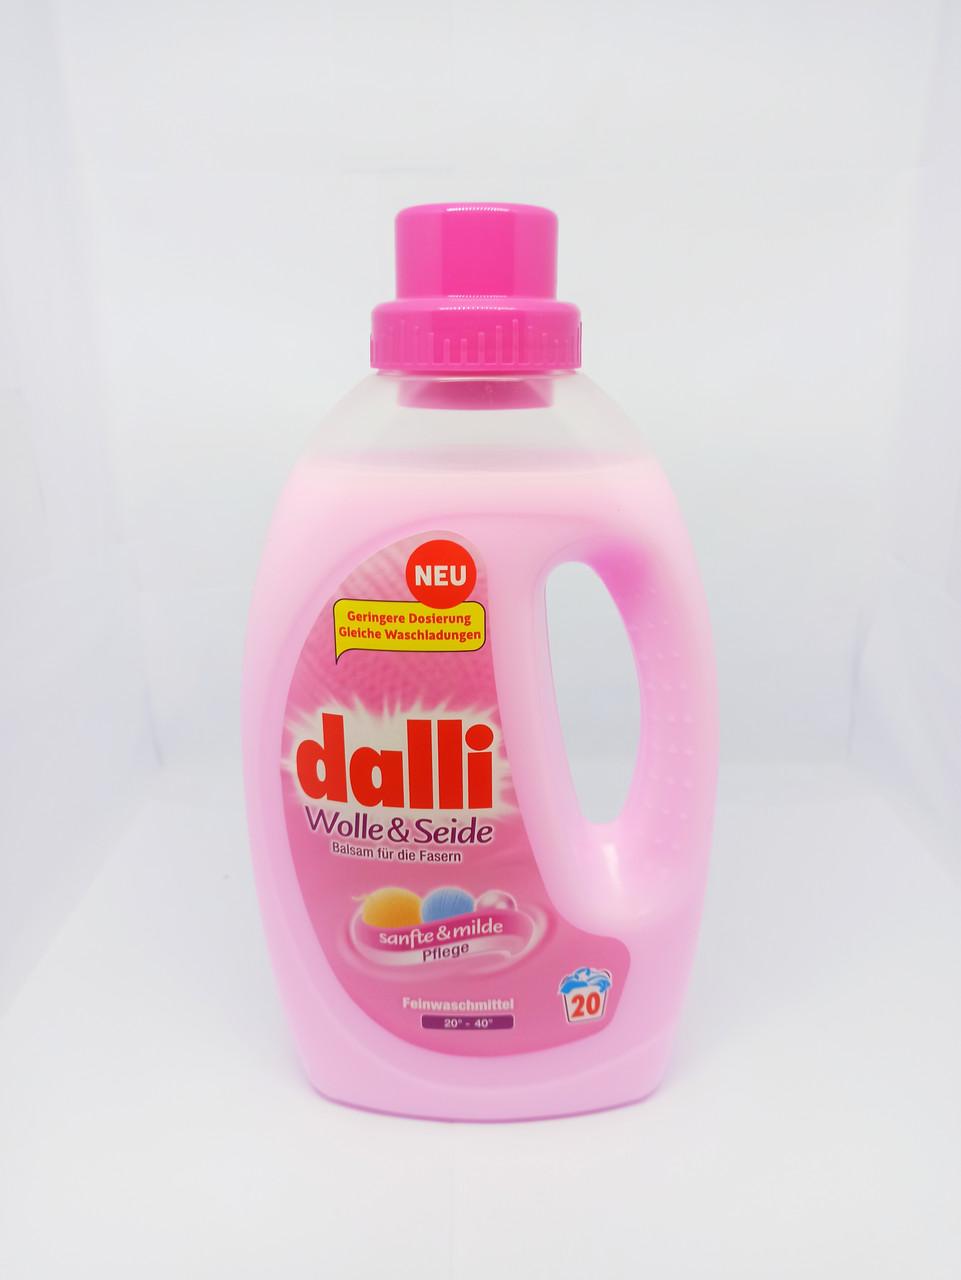 Гель для стирки для шерсти и шелка Dalli Wolle & Seide 1.1 л (20 стирок)